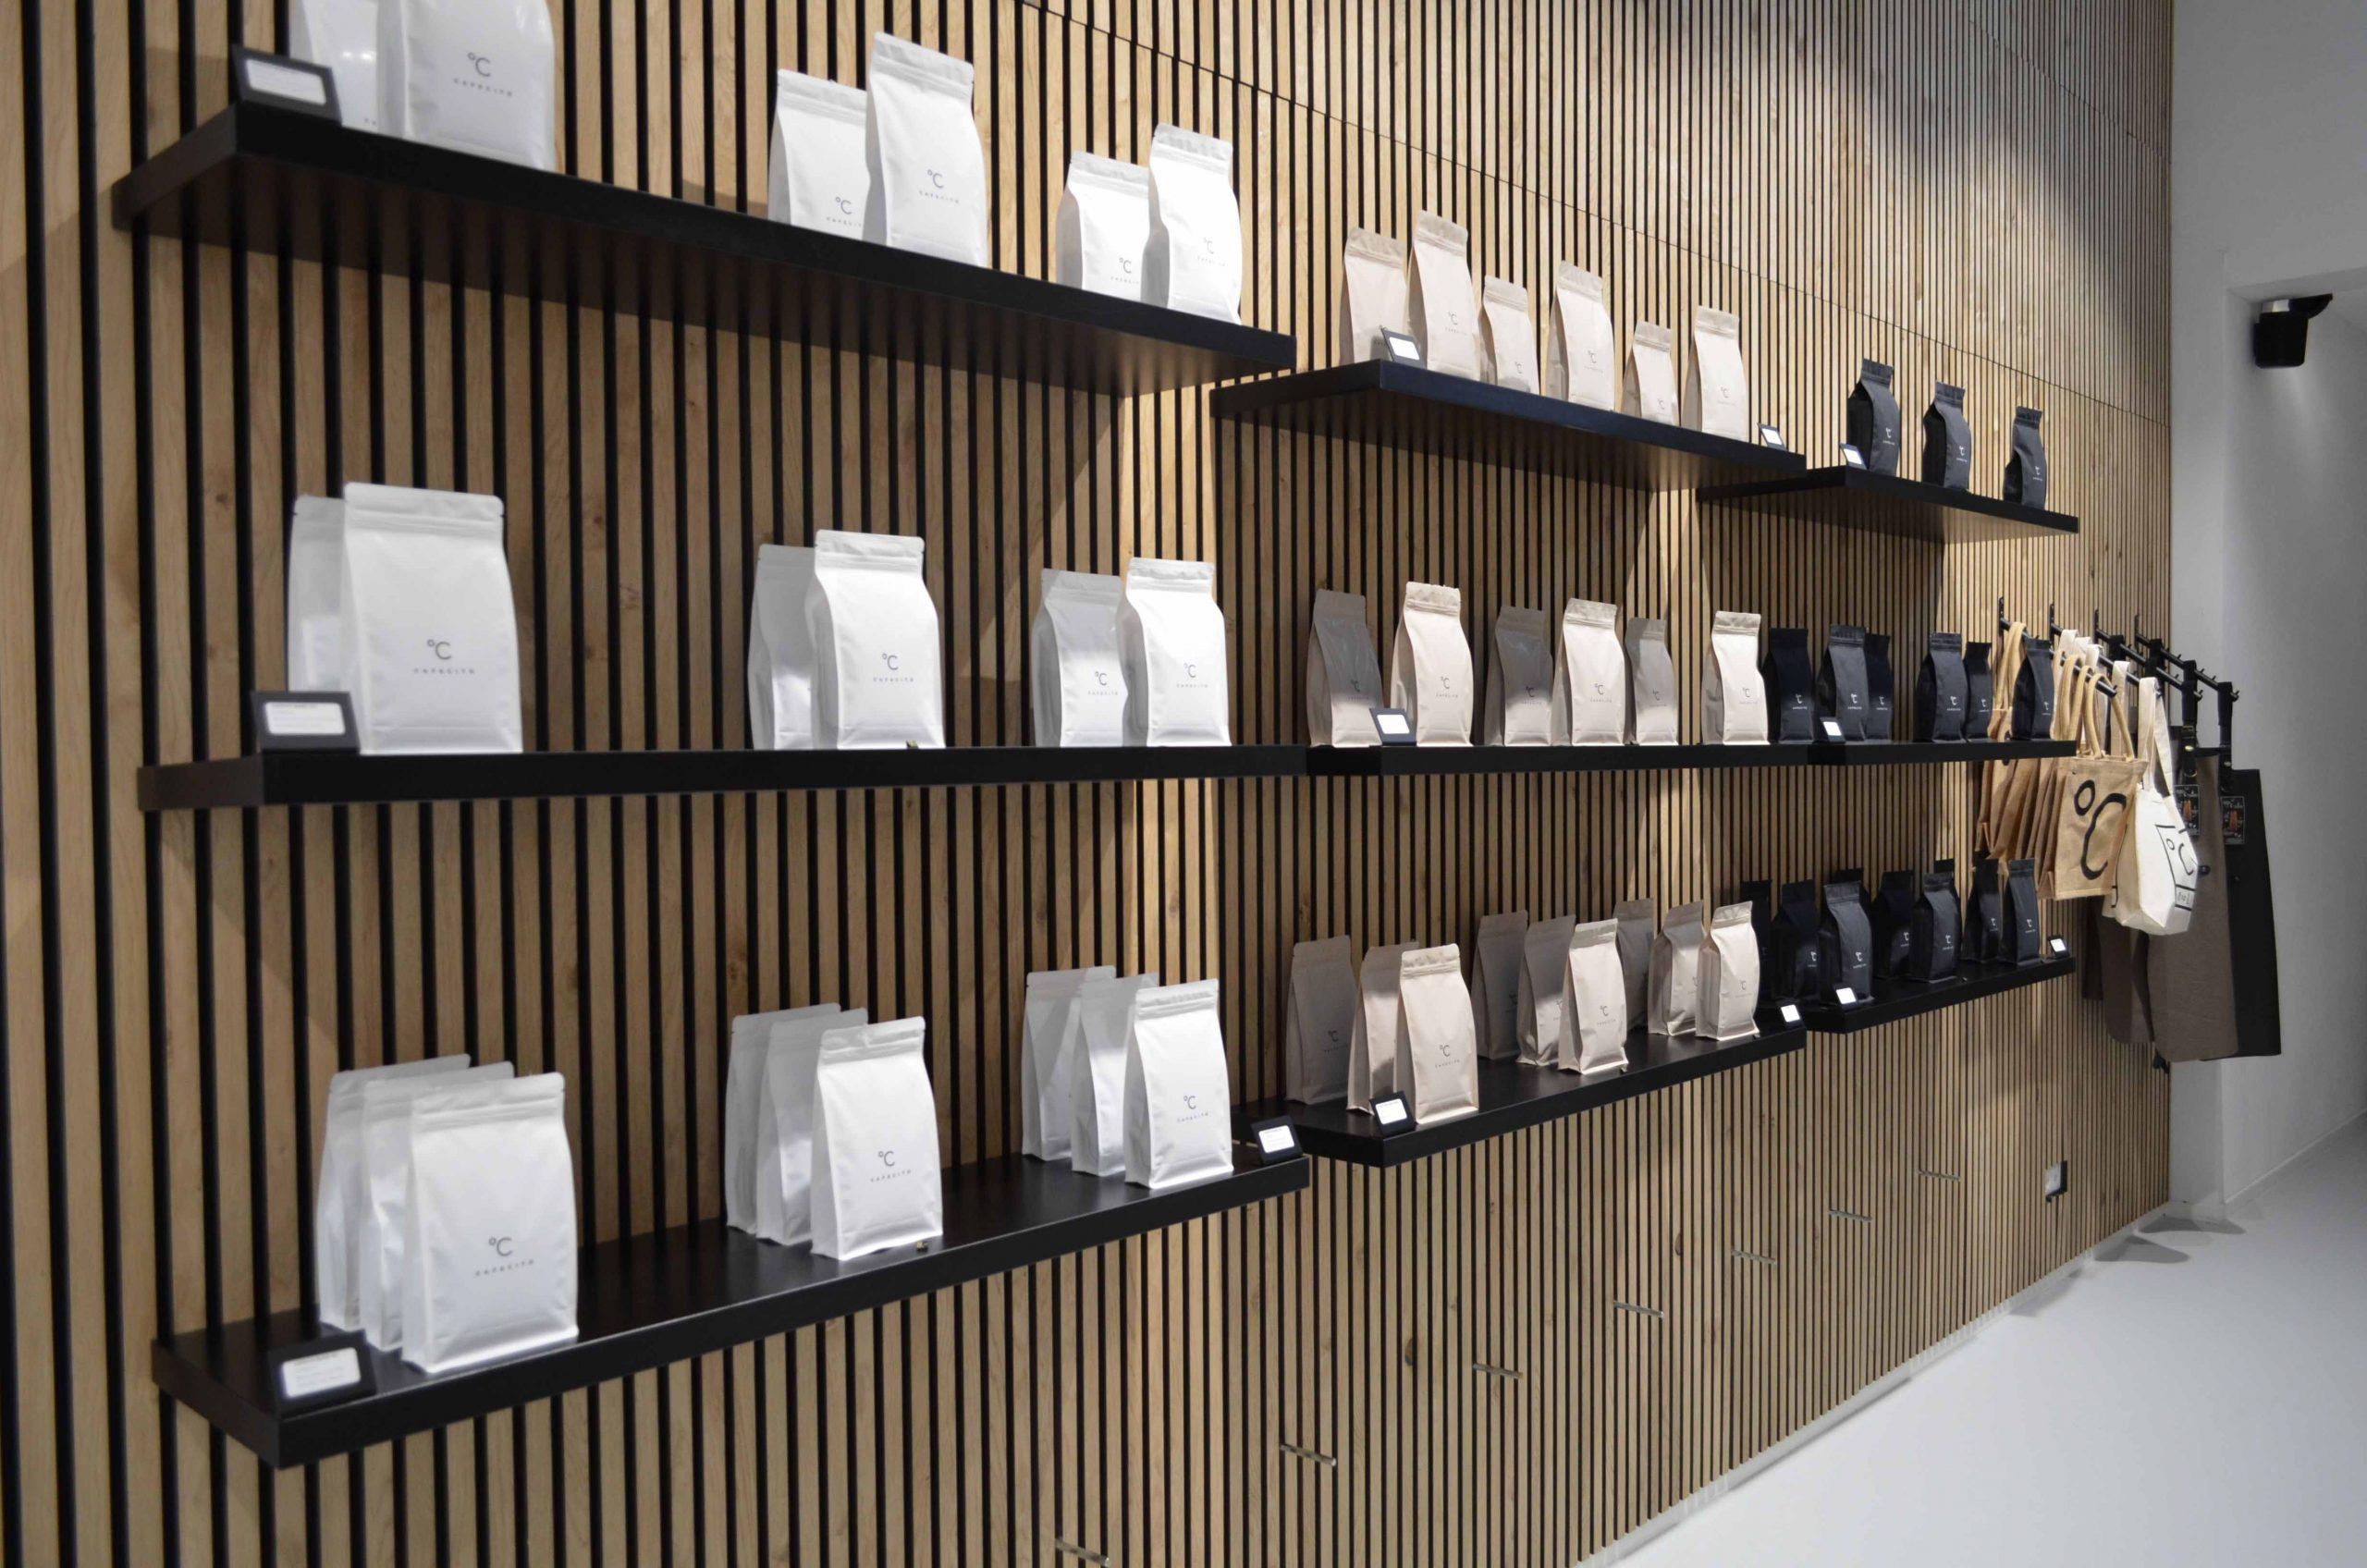 koffiebar amsterdam koffiebonen zakken aan muur